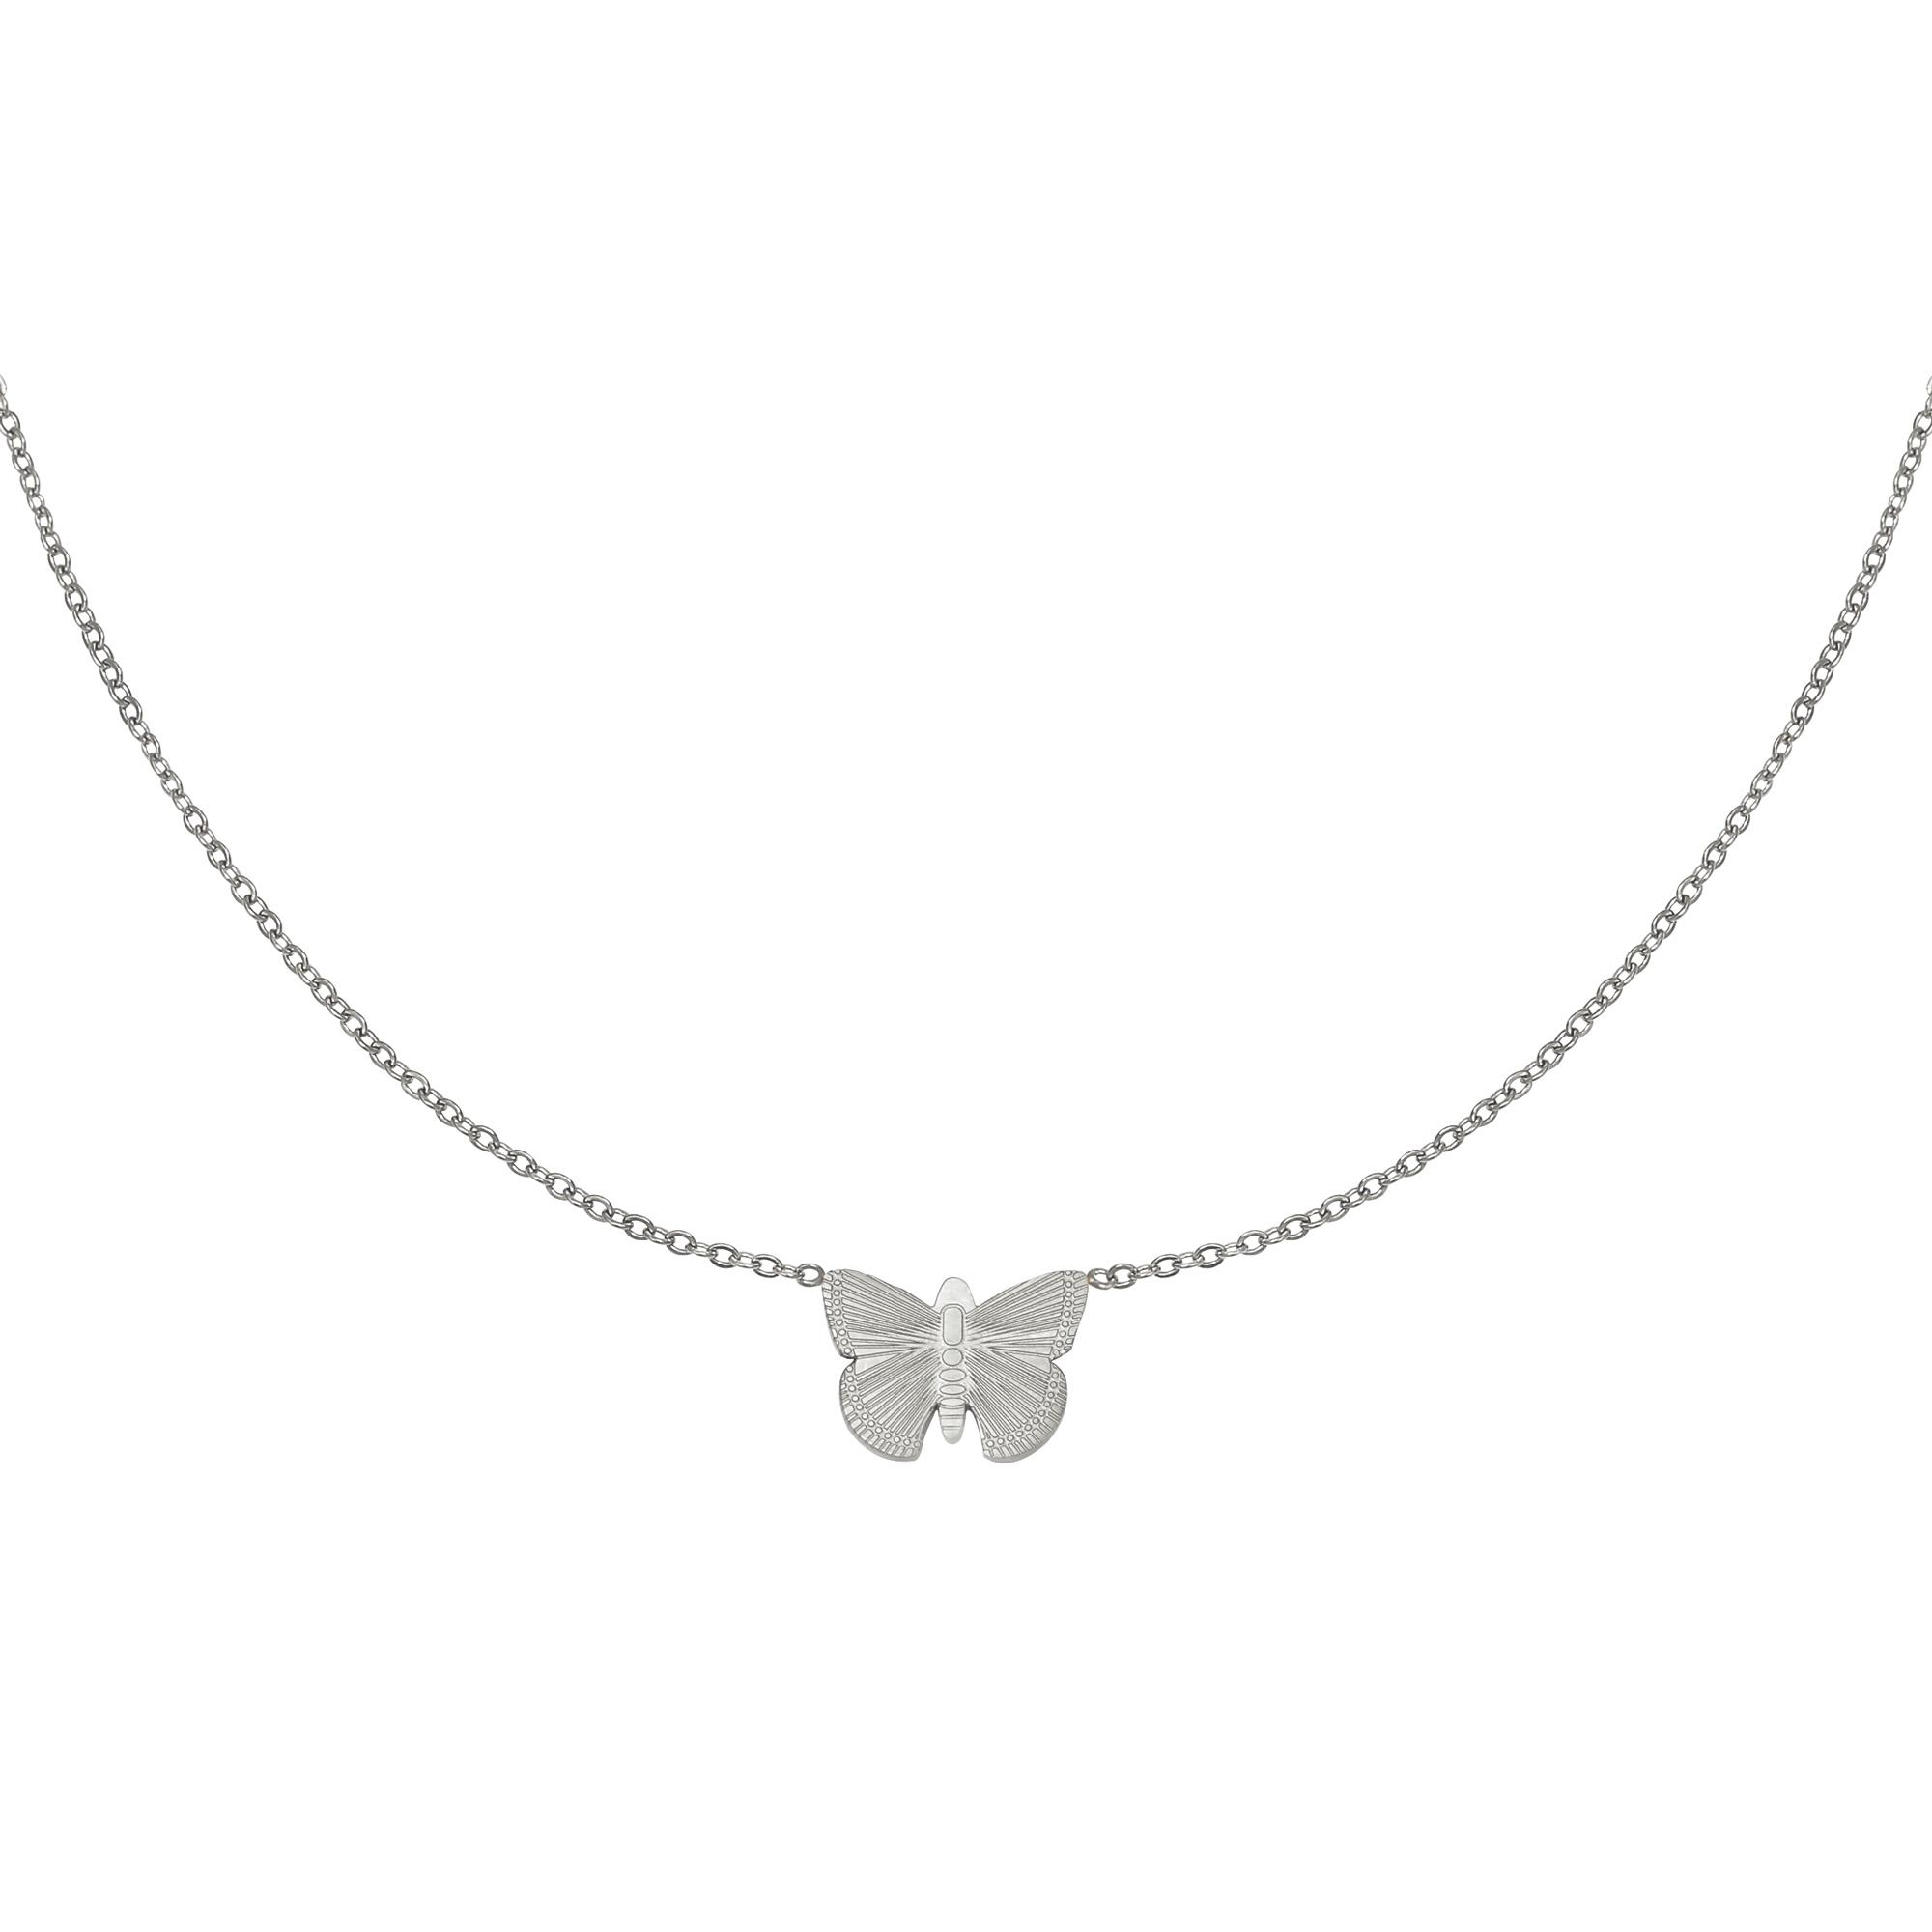 Halskette butterfly